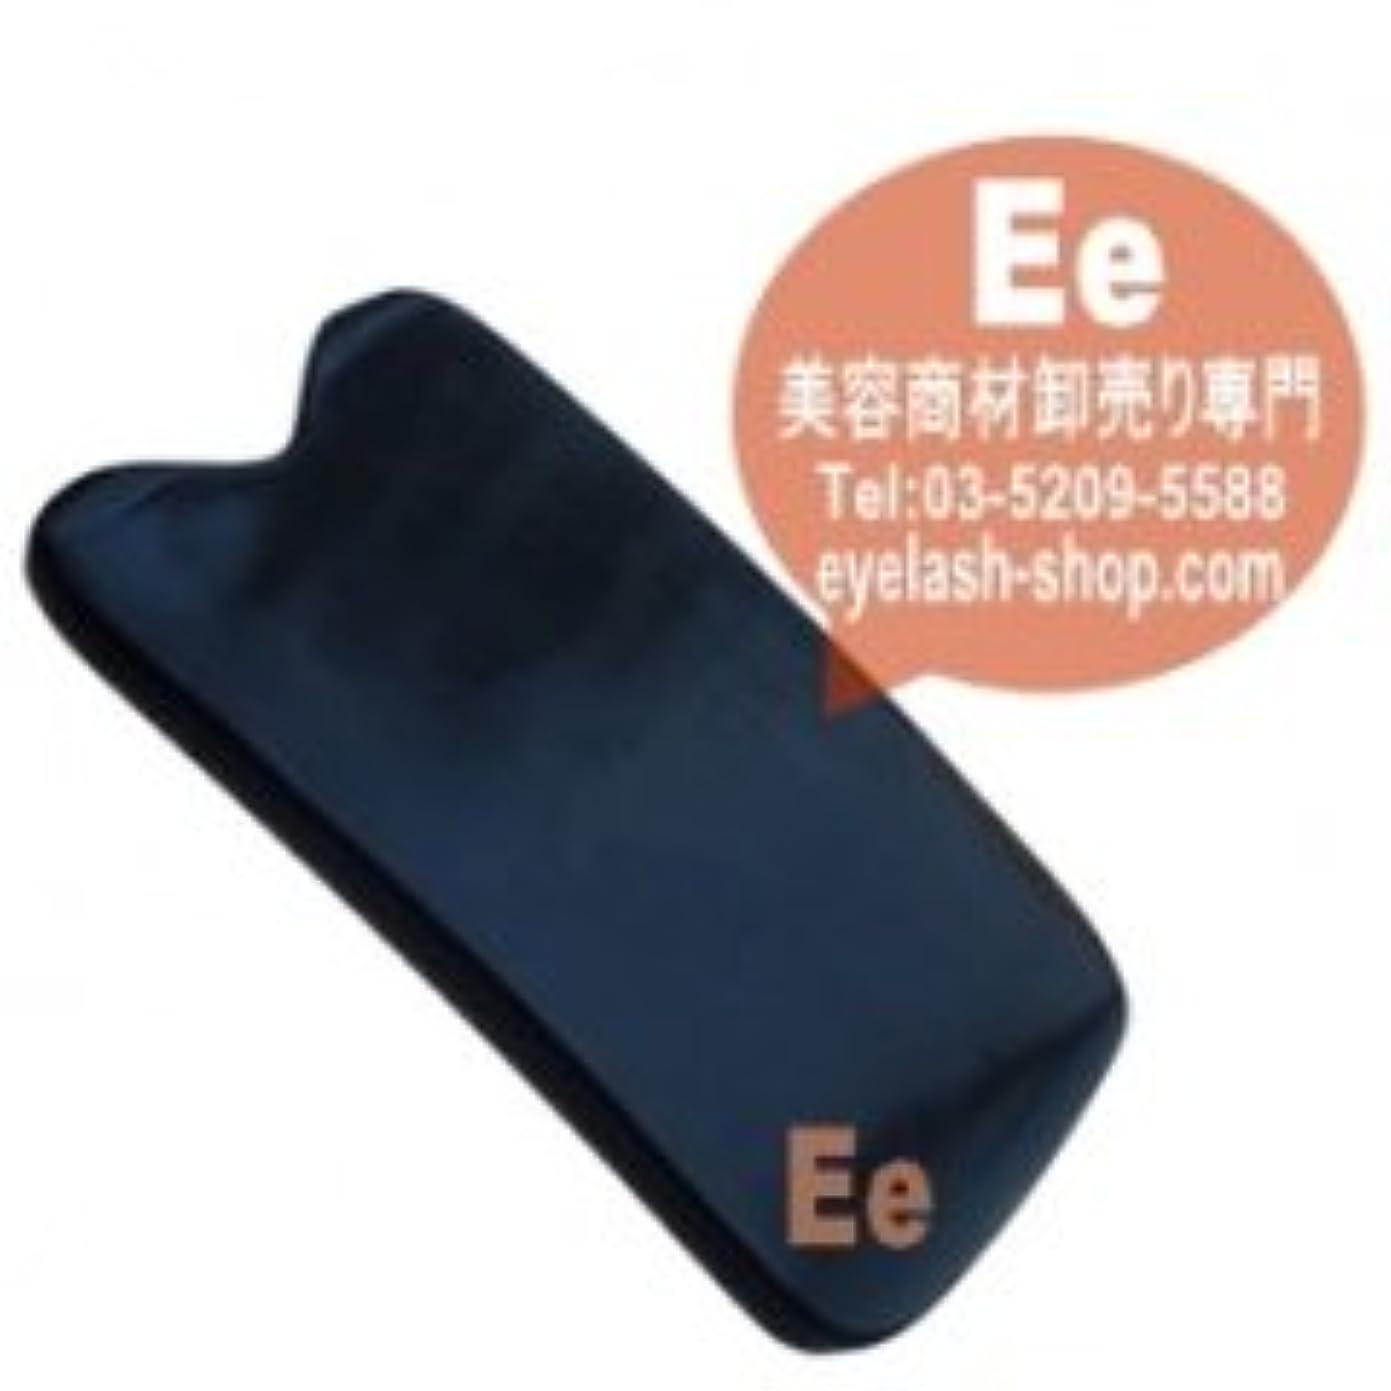 おとこコンパクト商標かっさ板 カッサプレート 美容マッサージカッサ板 グアシャ板 水牛の角 A-04